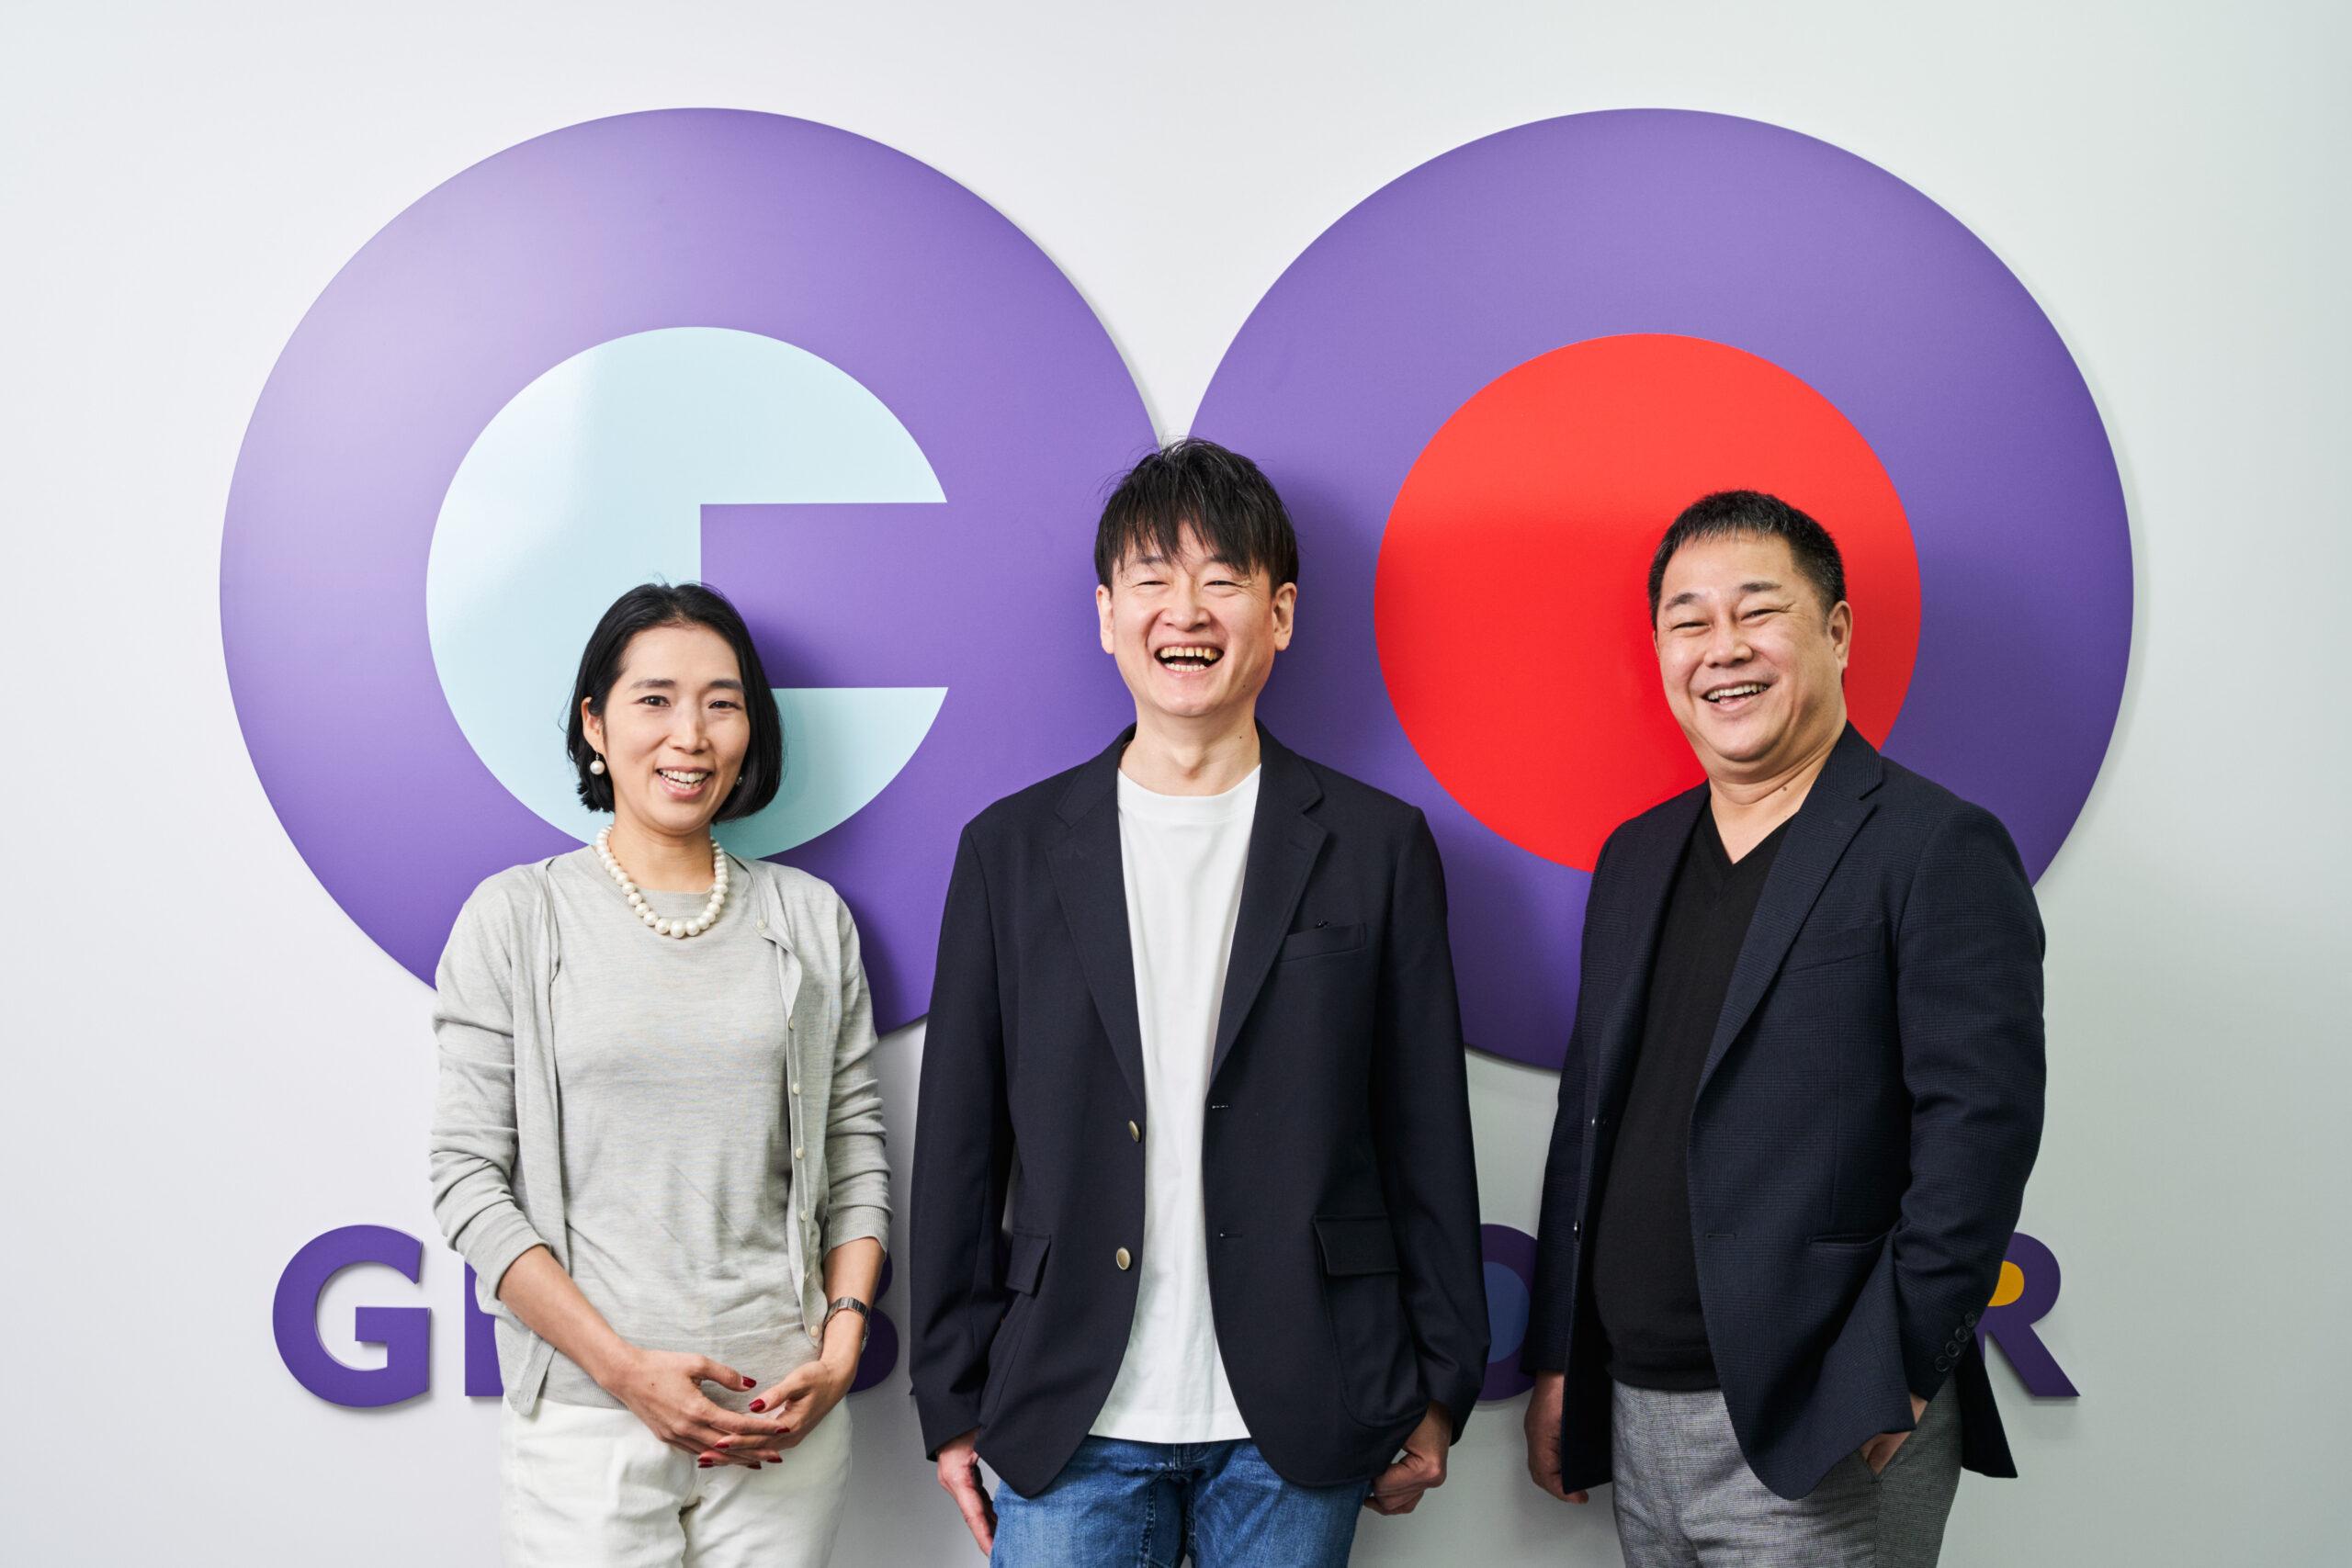 最大手バイリンガル求人サイト、元代表の篠原裕二がグローバルパワー取締役に就任